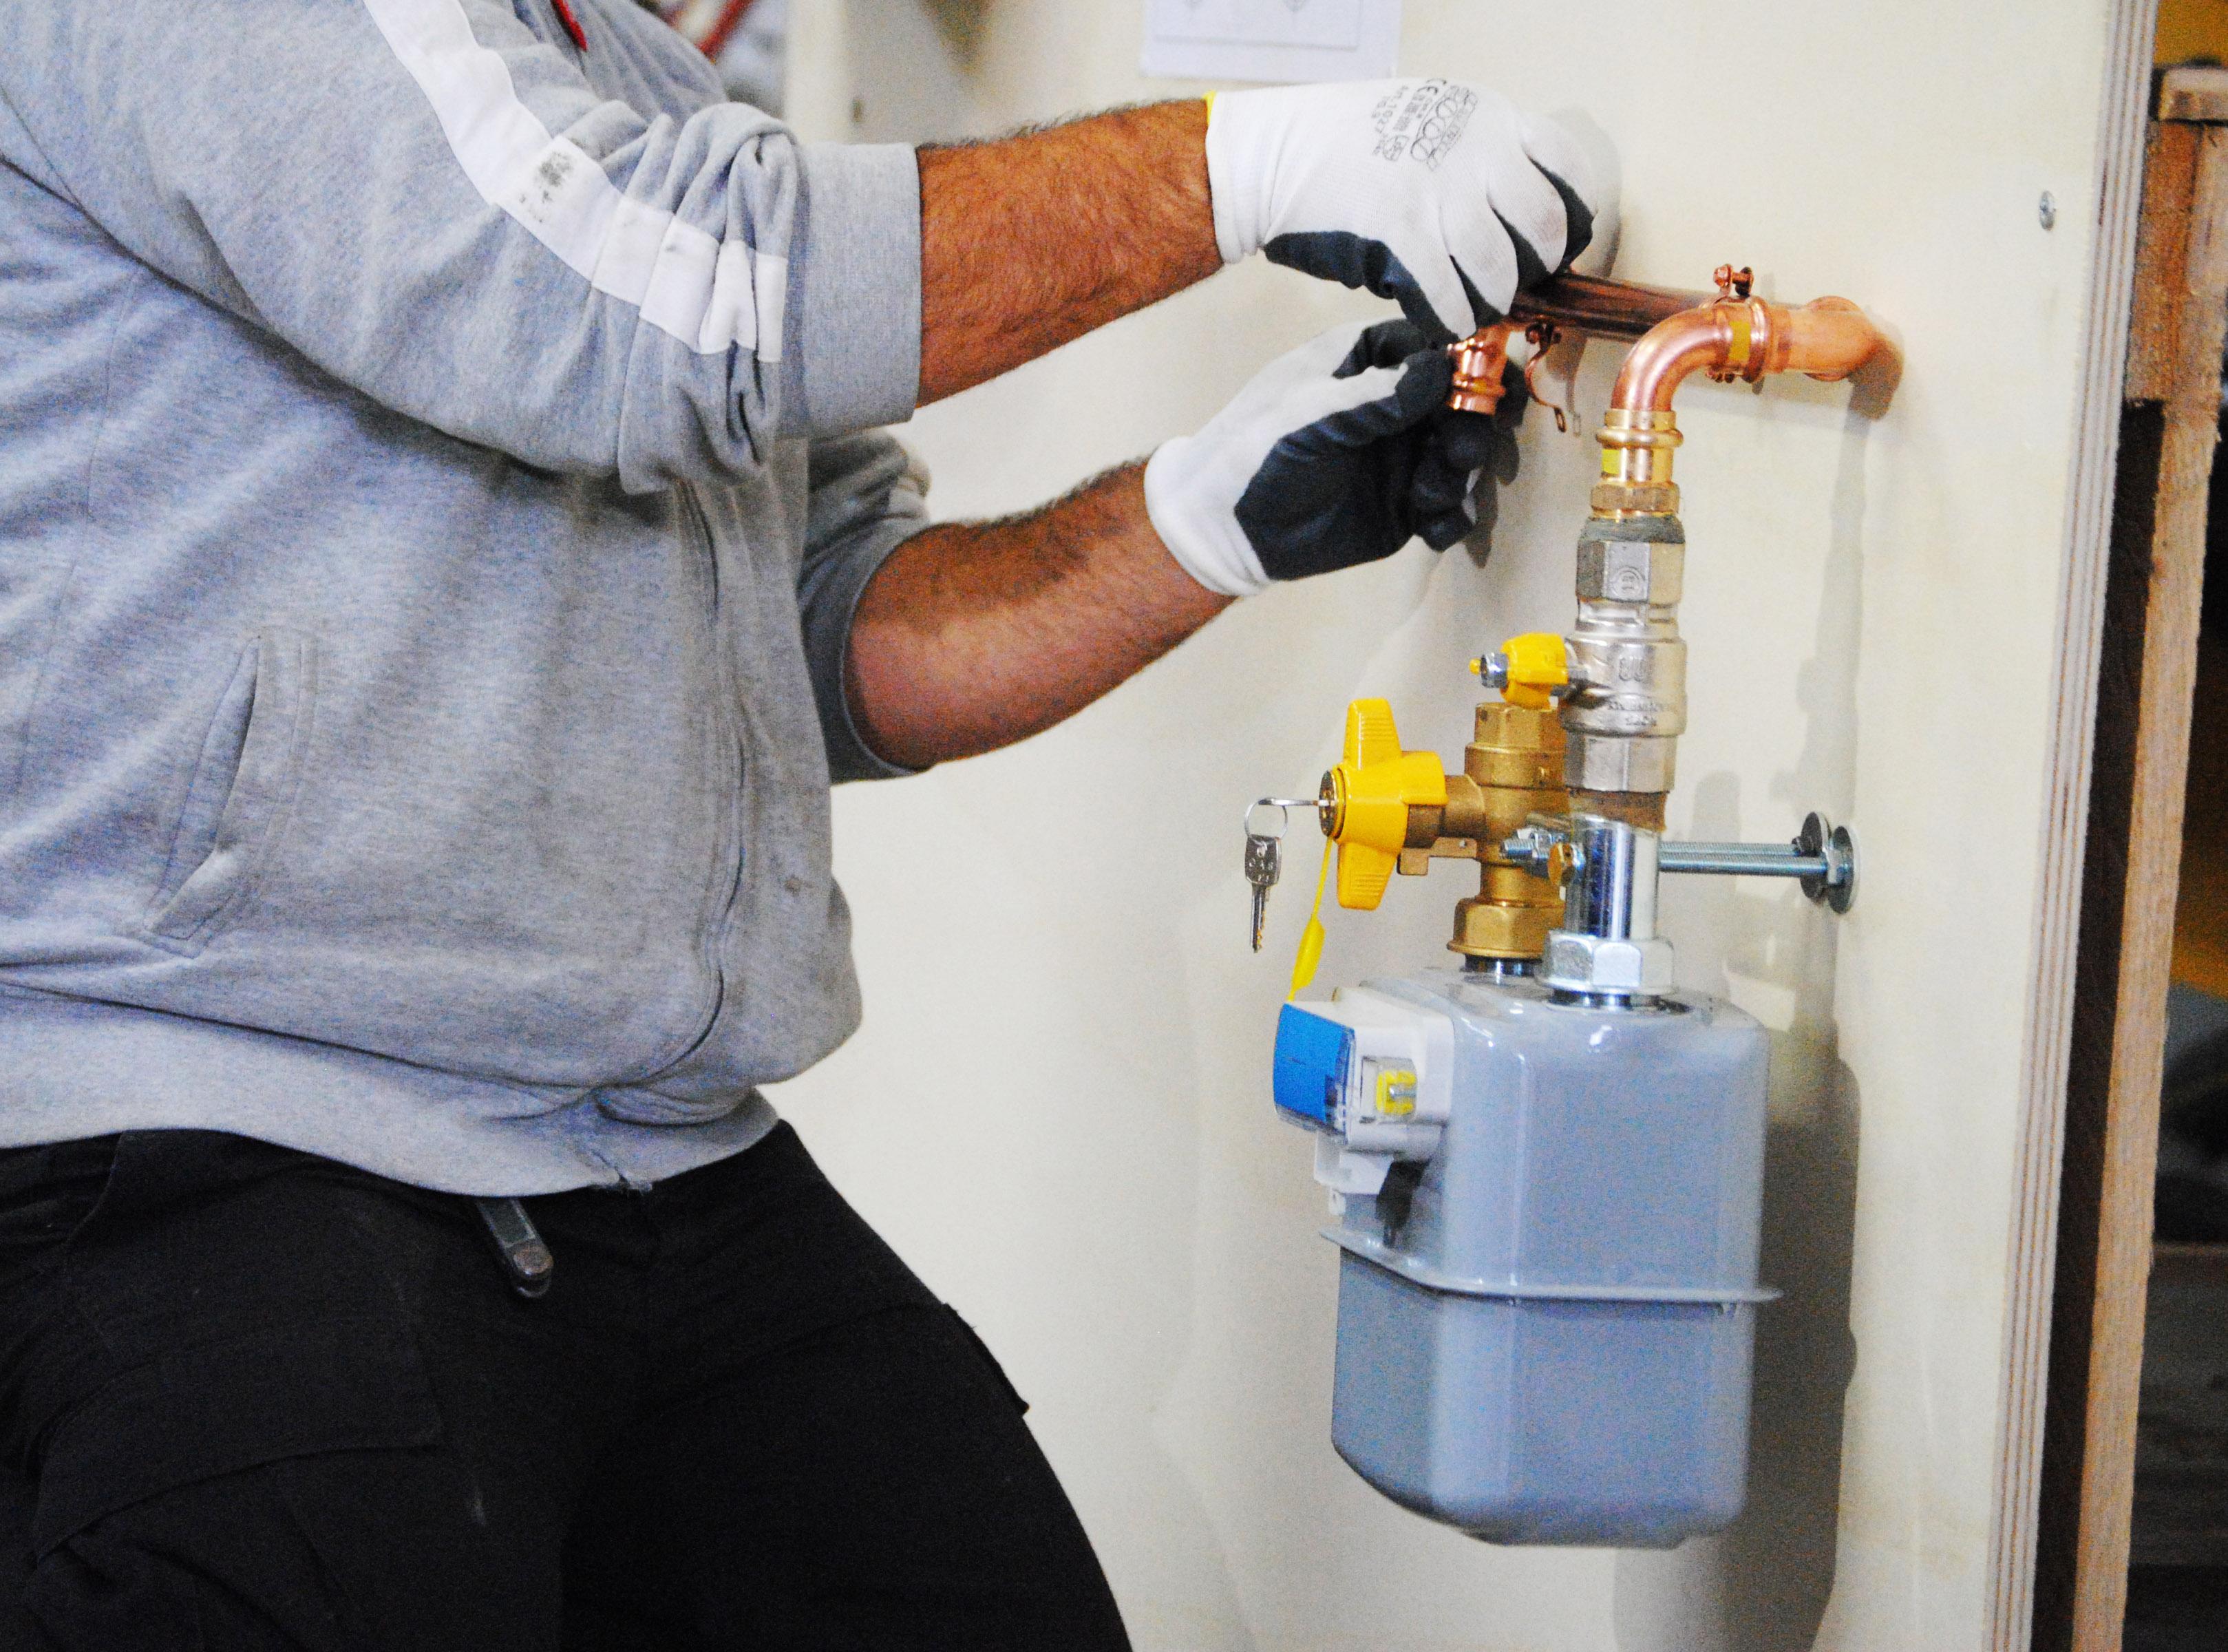 installazione-e-manutenzione-impianti-gas-a-pesaro-e-riccione